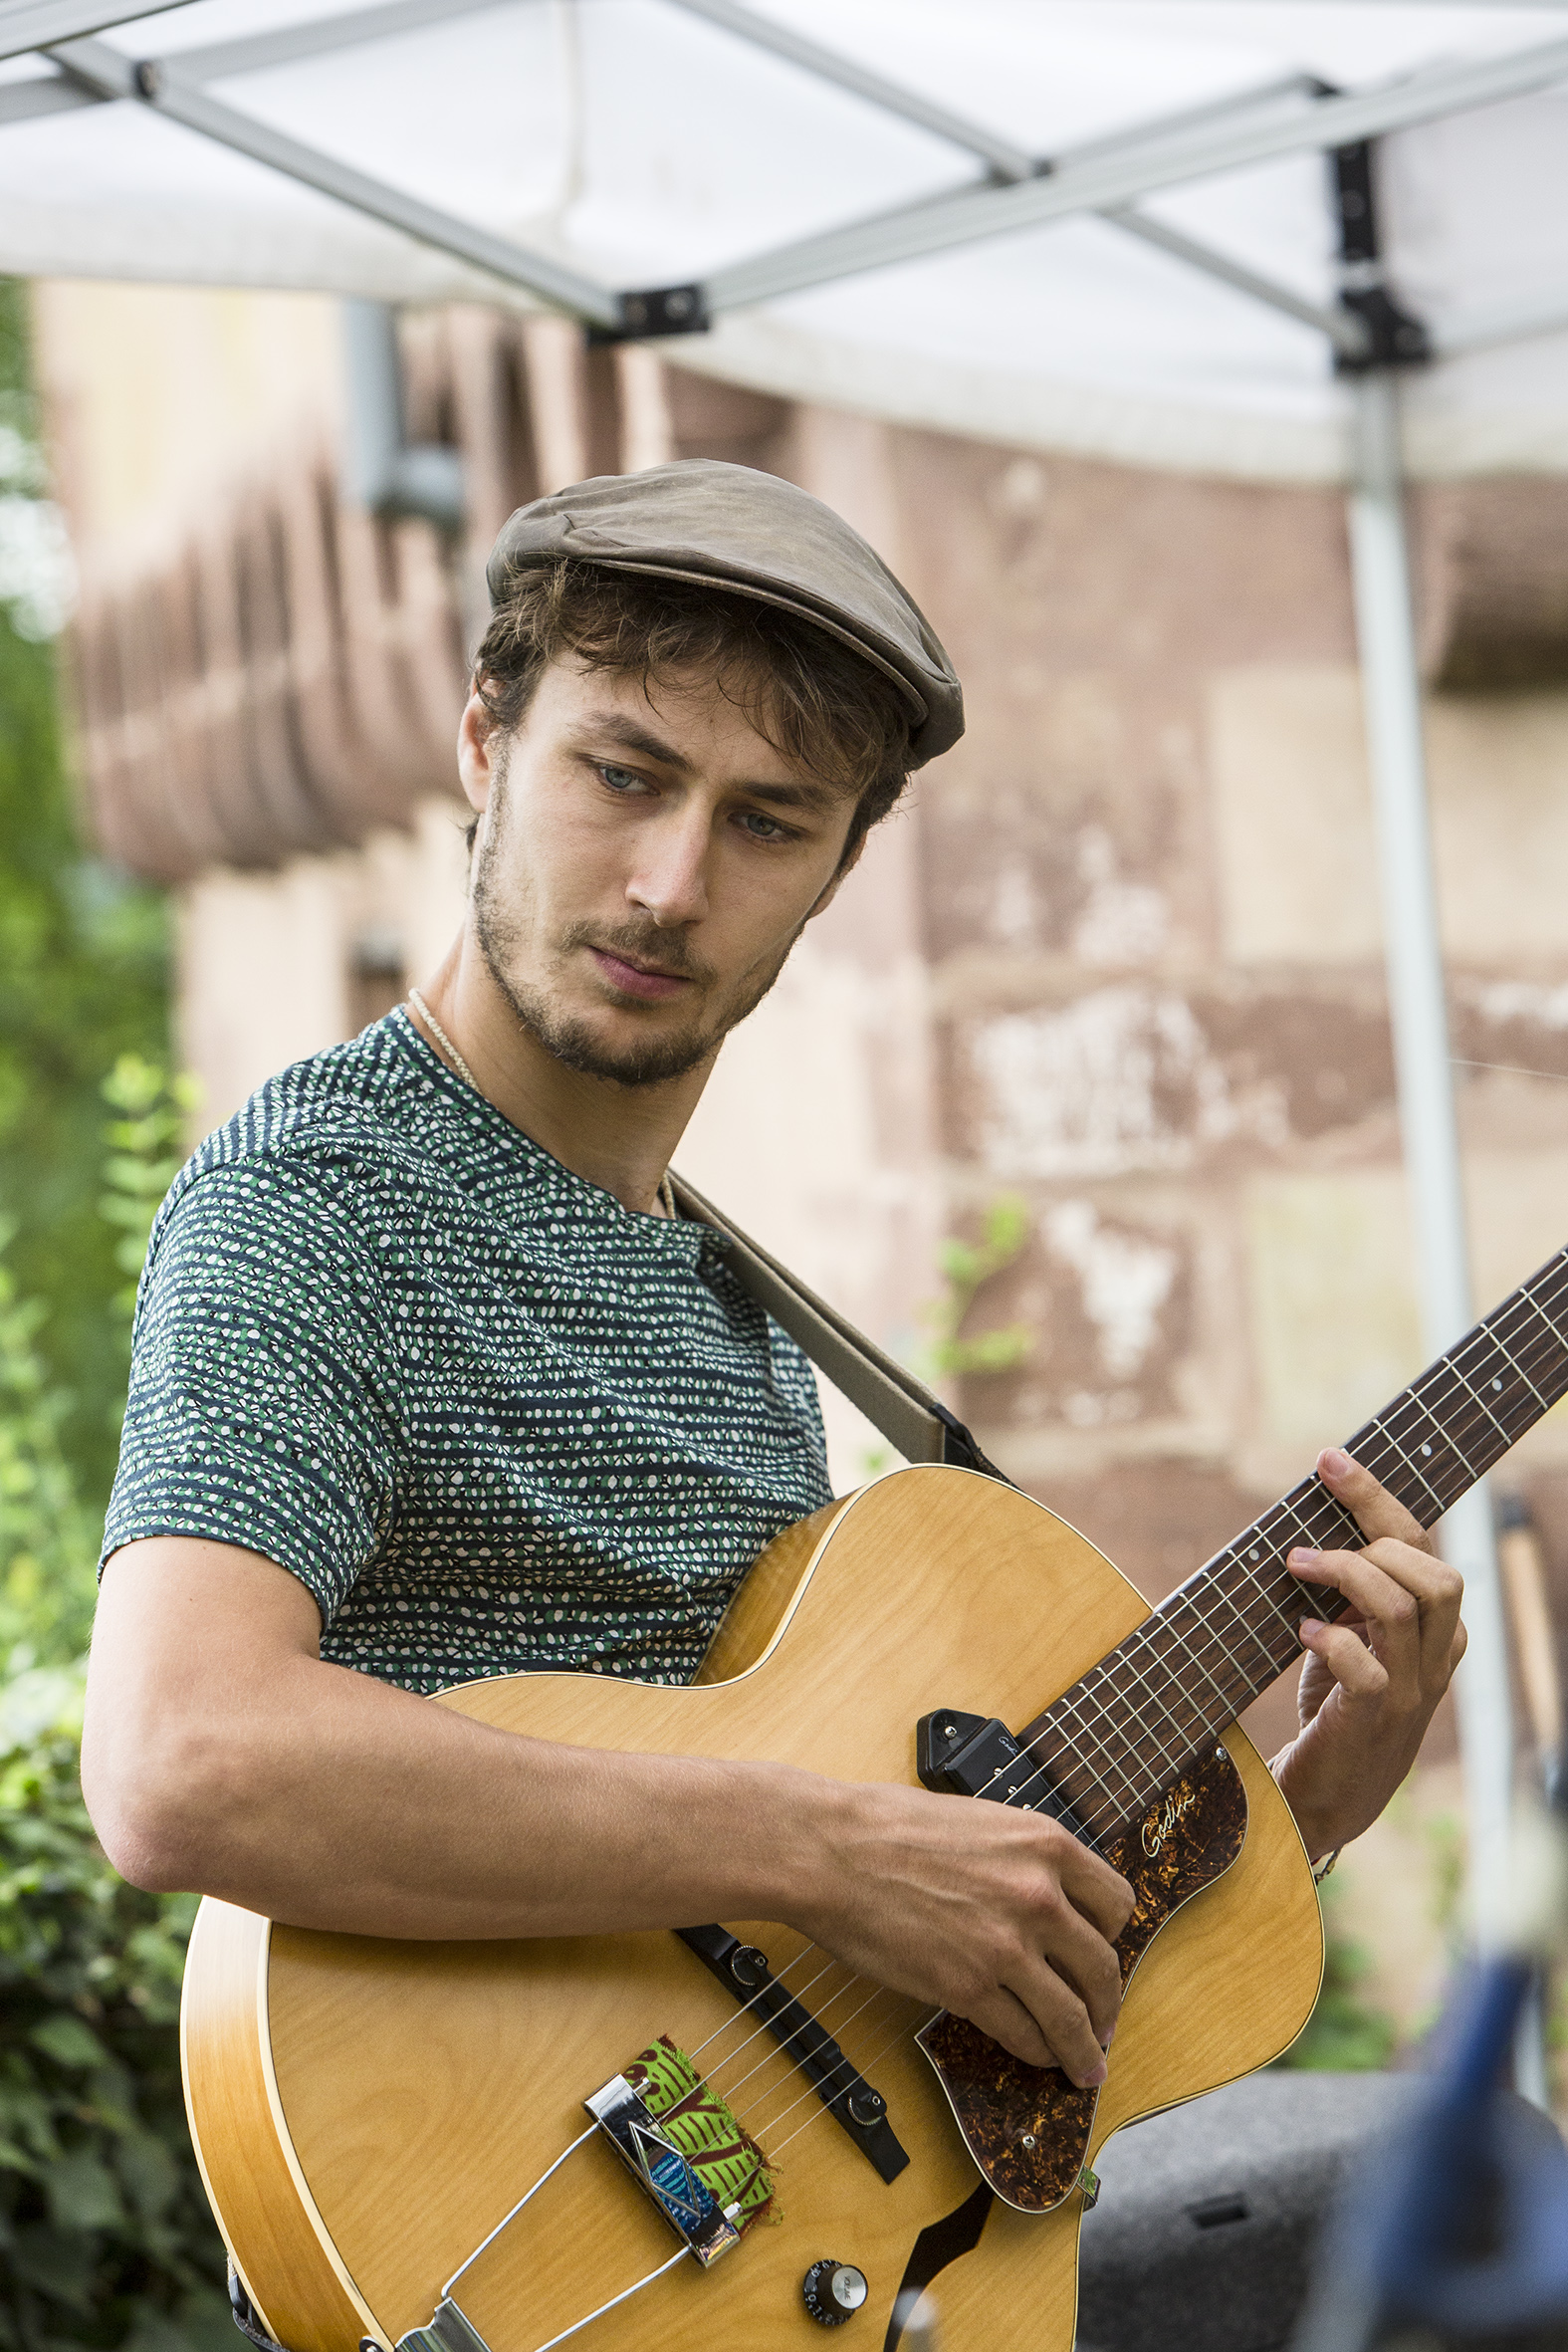 portraits-lucia-carvalho-festival-au-gr+¿s-du-jazz-la-petite-pierre-2015-marie-colette-becker-05